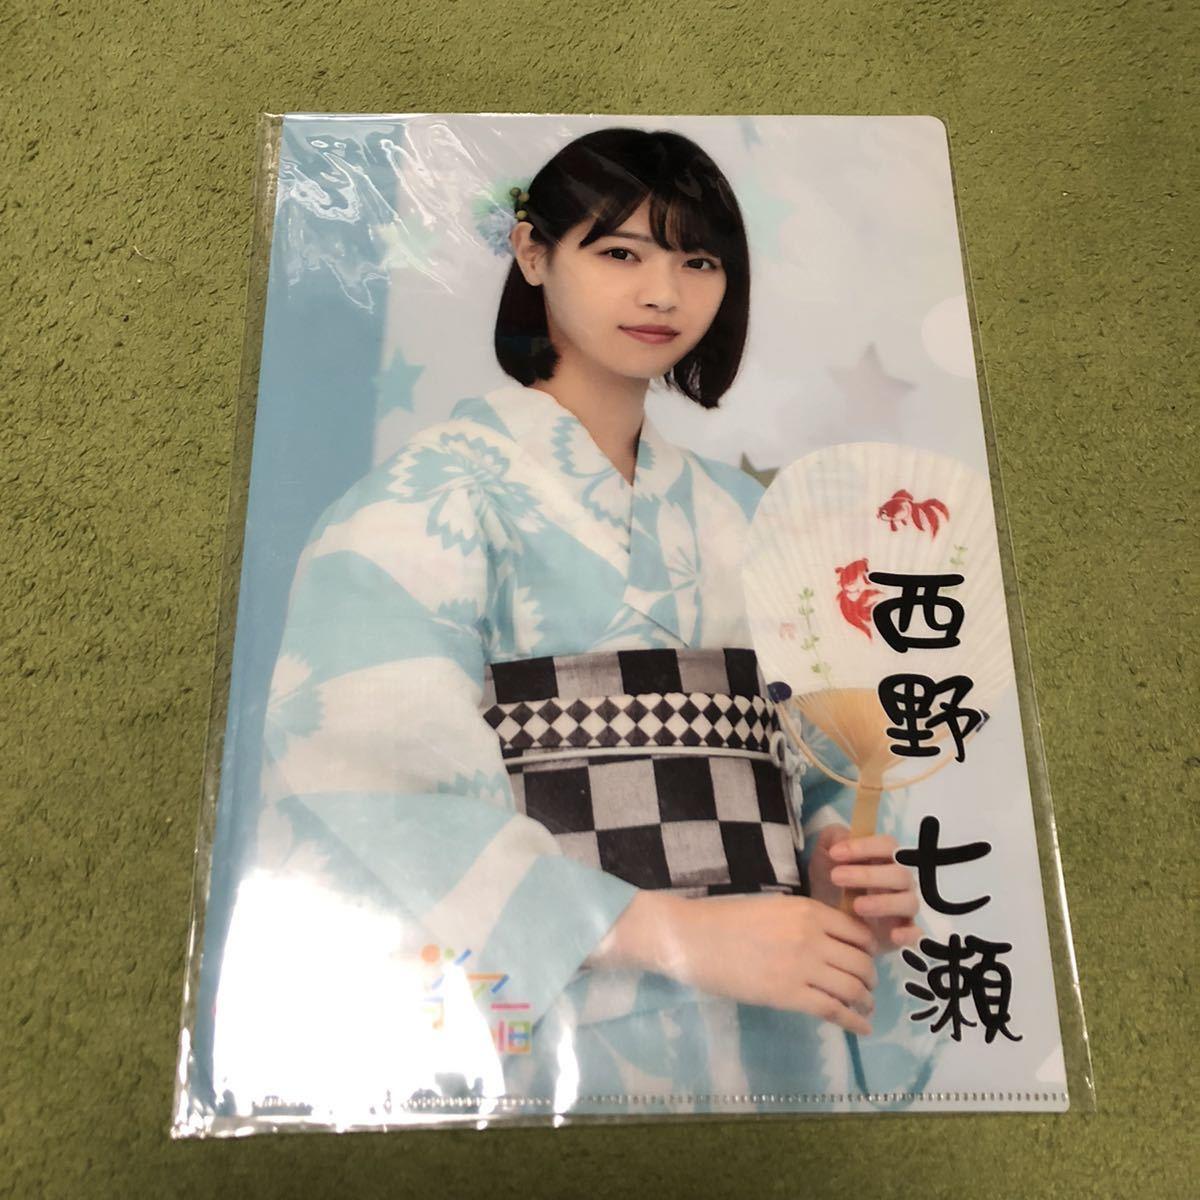 乃木坂46 西野七瀬 浴衣 真夏の全国ツアー2018 クリアファイル 新品未開封